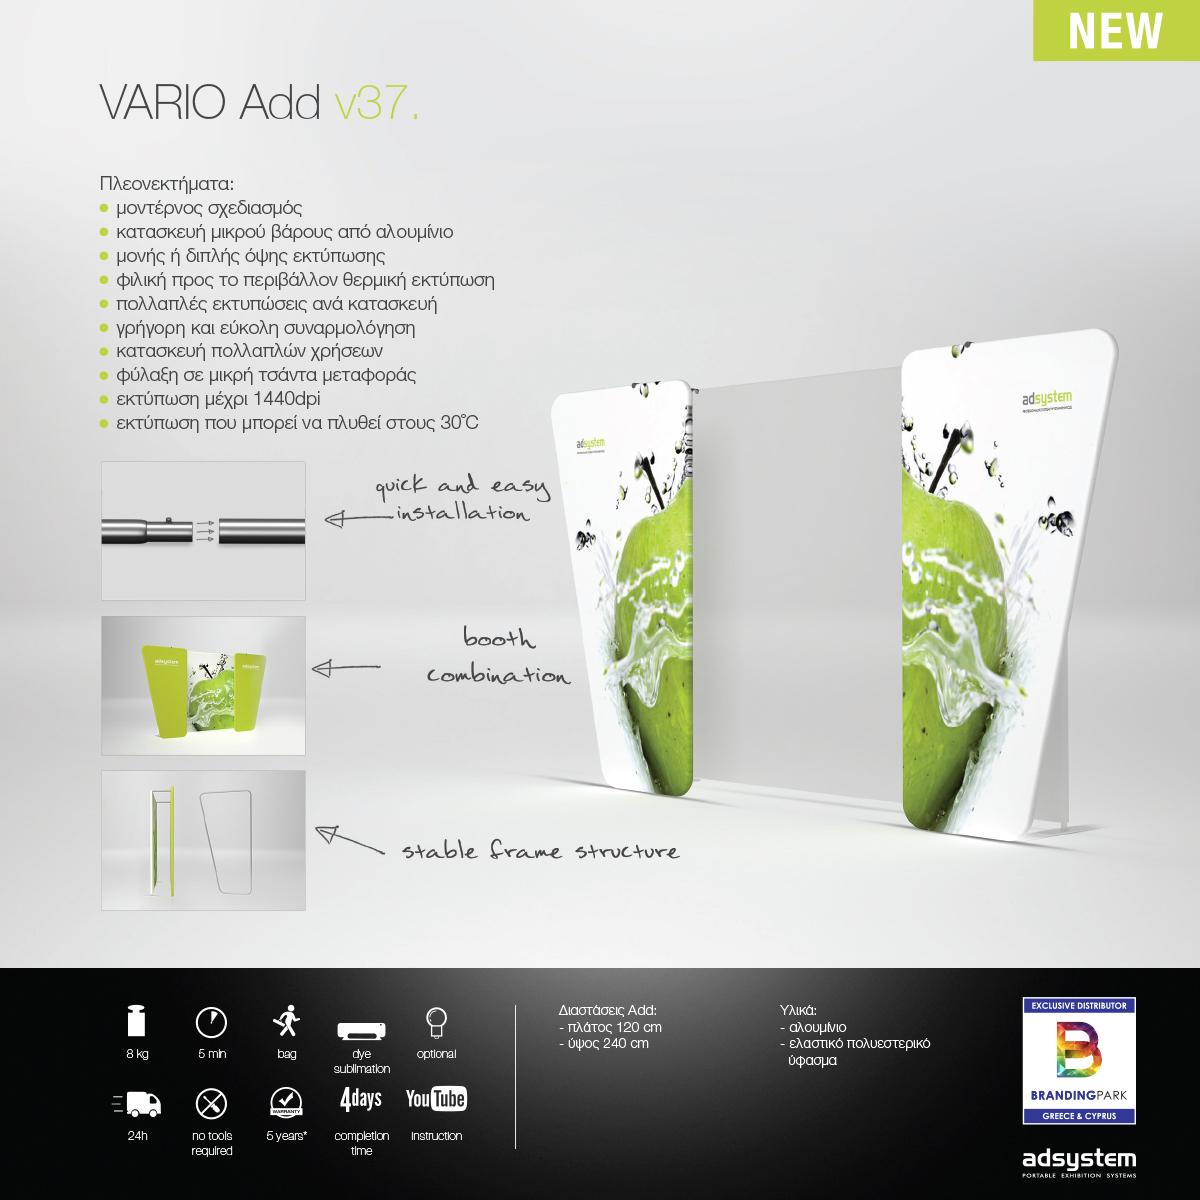 Υφασμάτινος τοίχος προβολής VARIO Add v37. new product